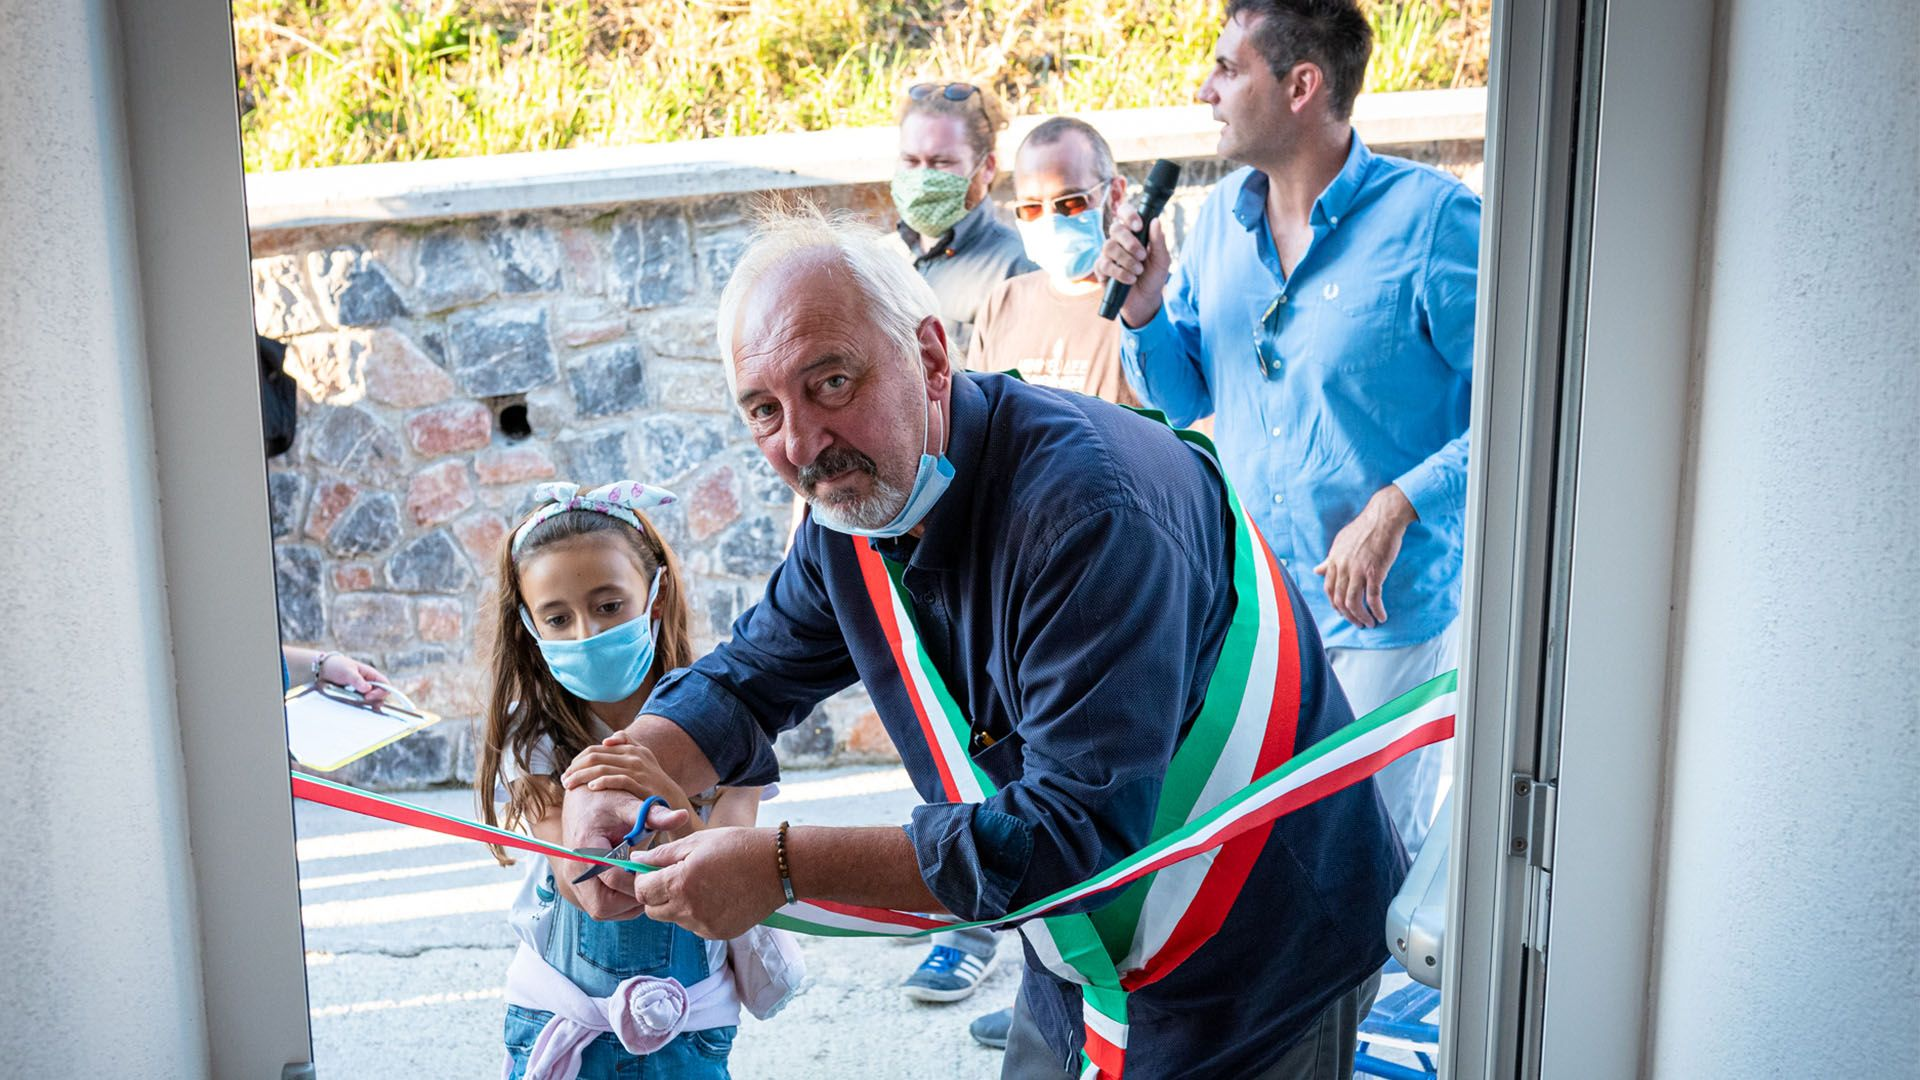 A Tausia di Treppo Ligosullo inaugurato un nuovo circolo Arci presso le ex scuole